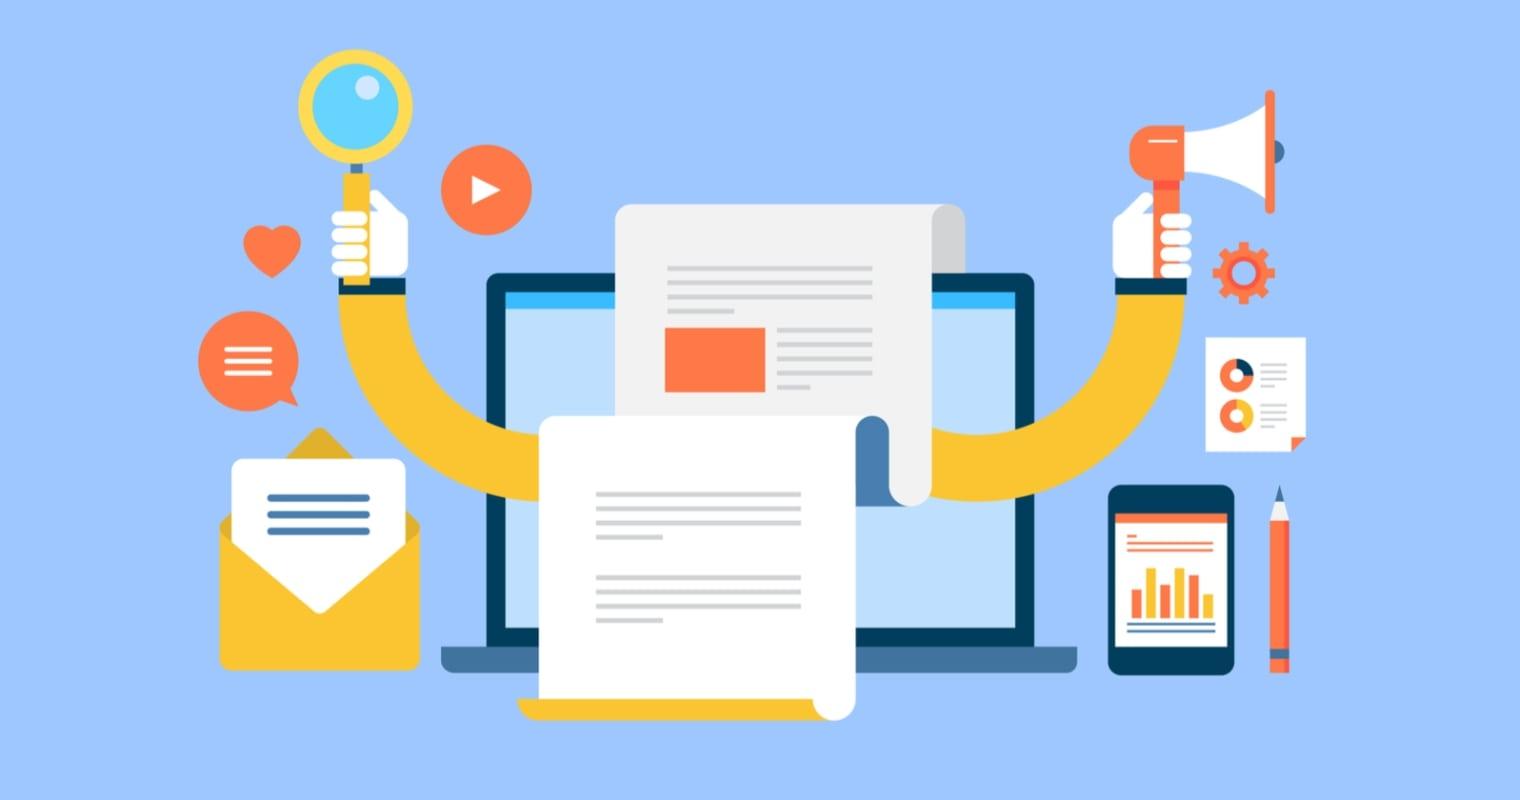 6 Cách viết bài bán hàng trên Facebook hiệu quả